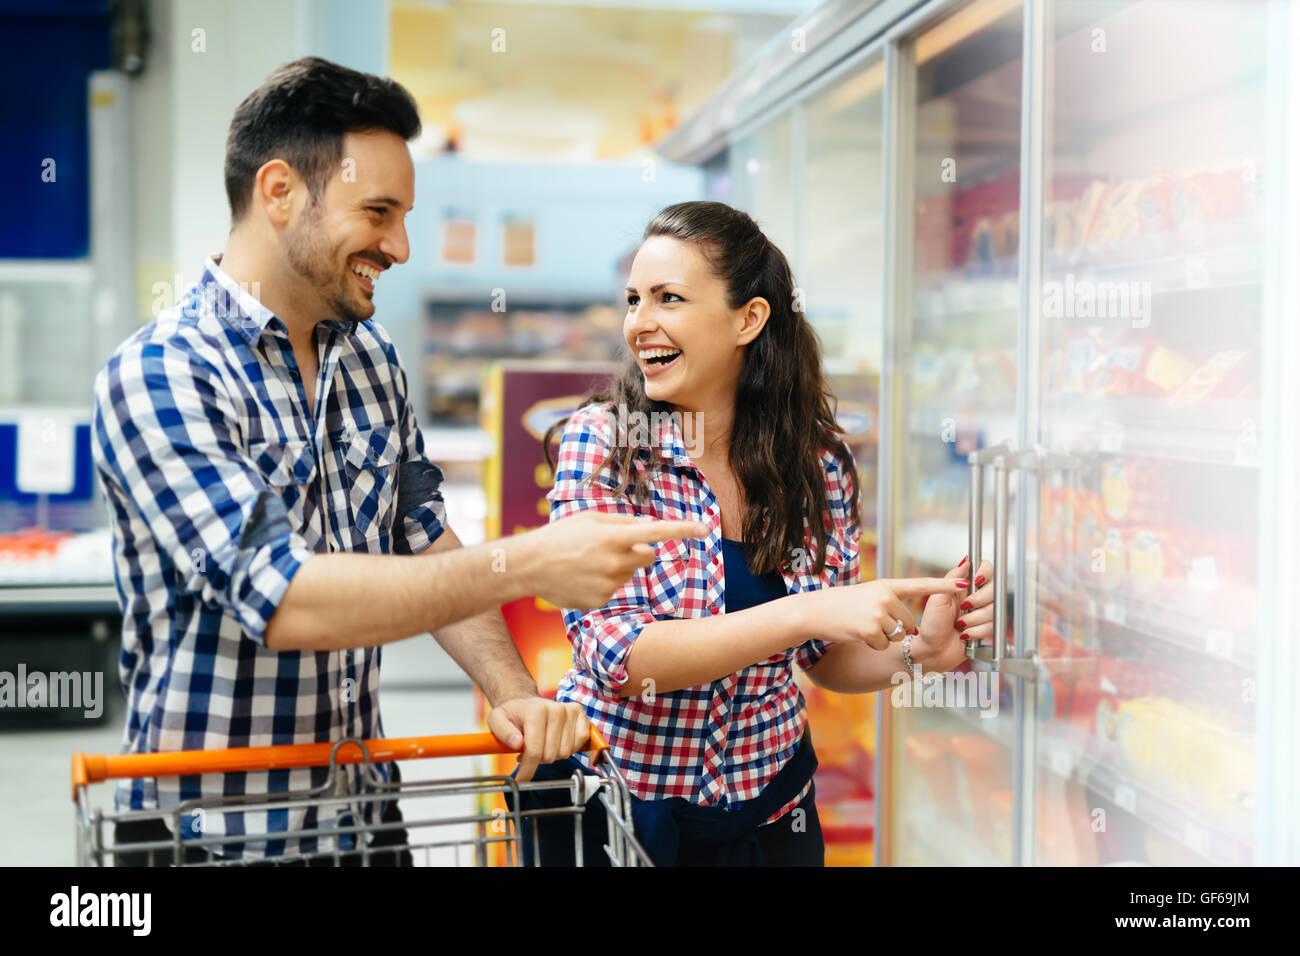 Paio di shopping insieme nel supermercato Immagini Stock